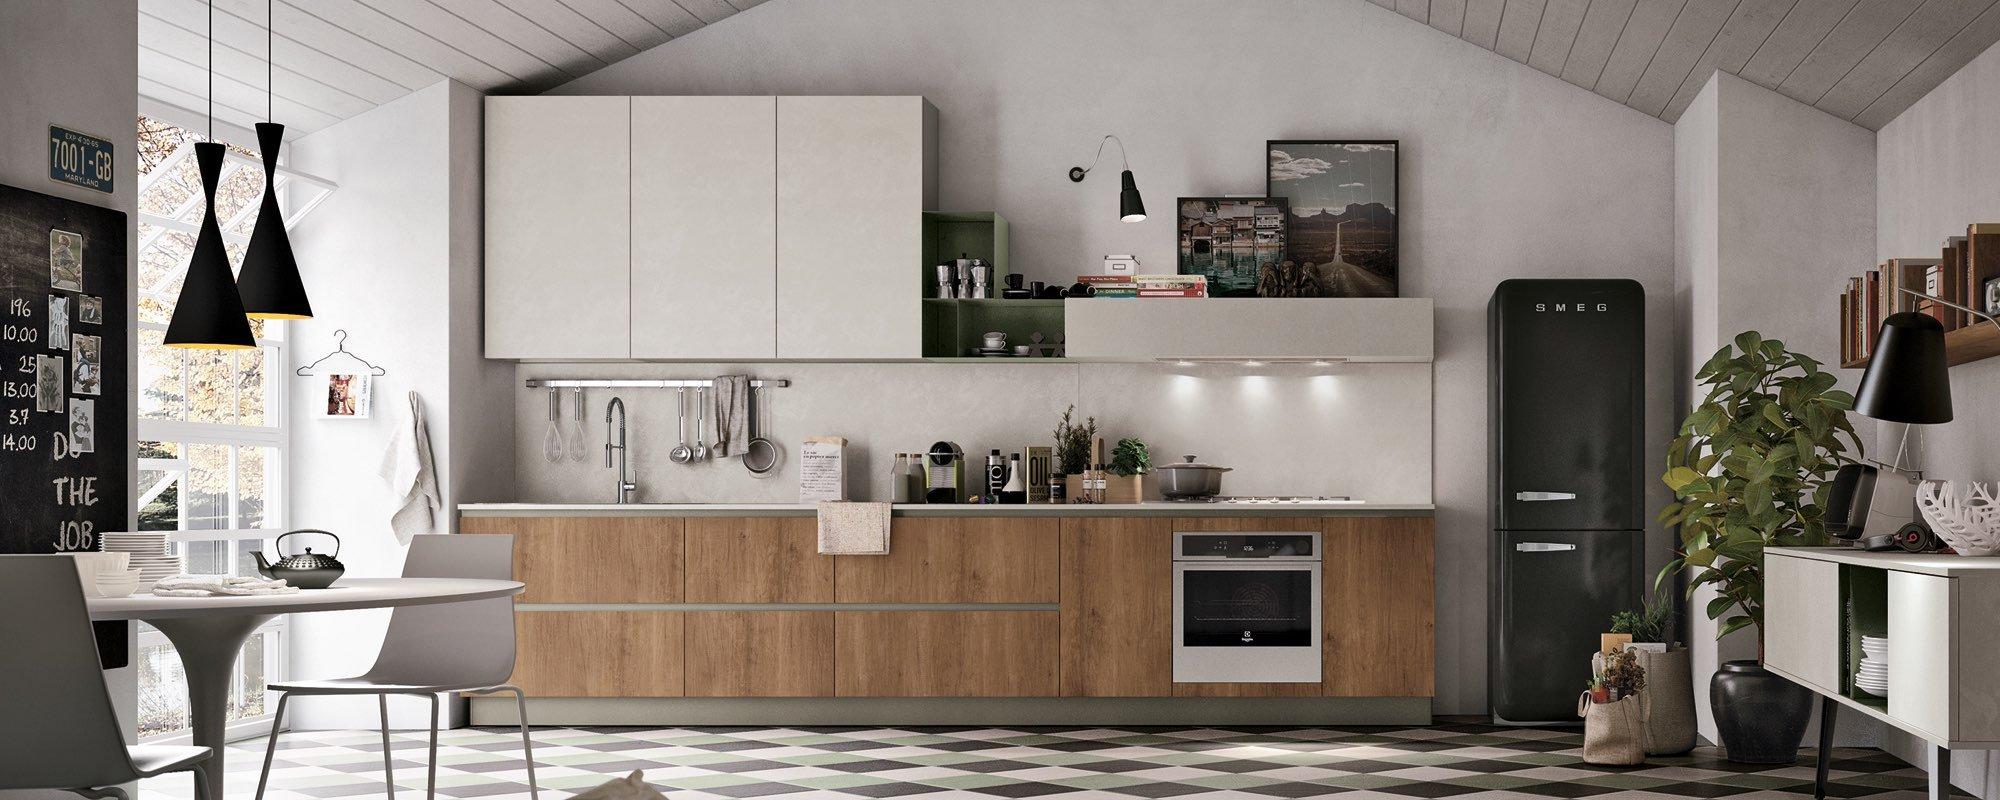 vista frontale di una cucina con tavolo in mezzo alla stanza